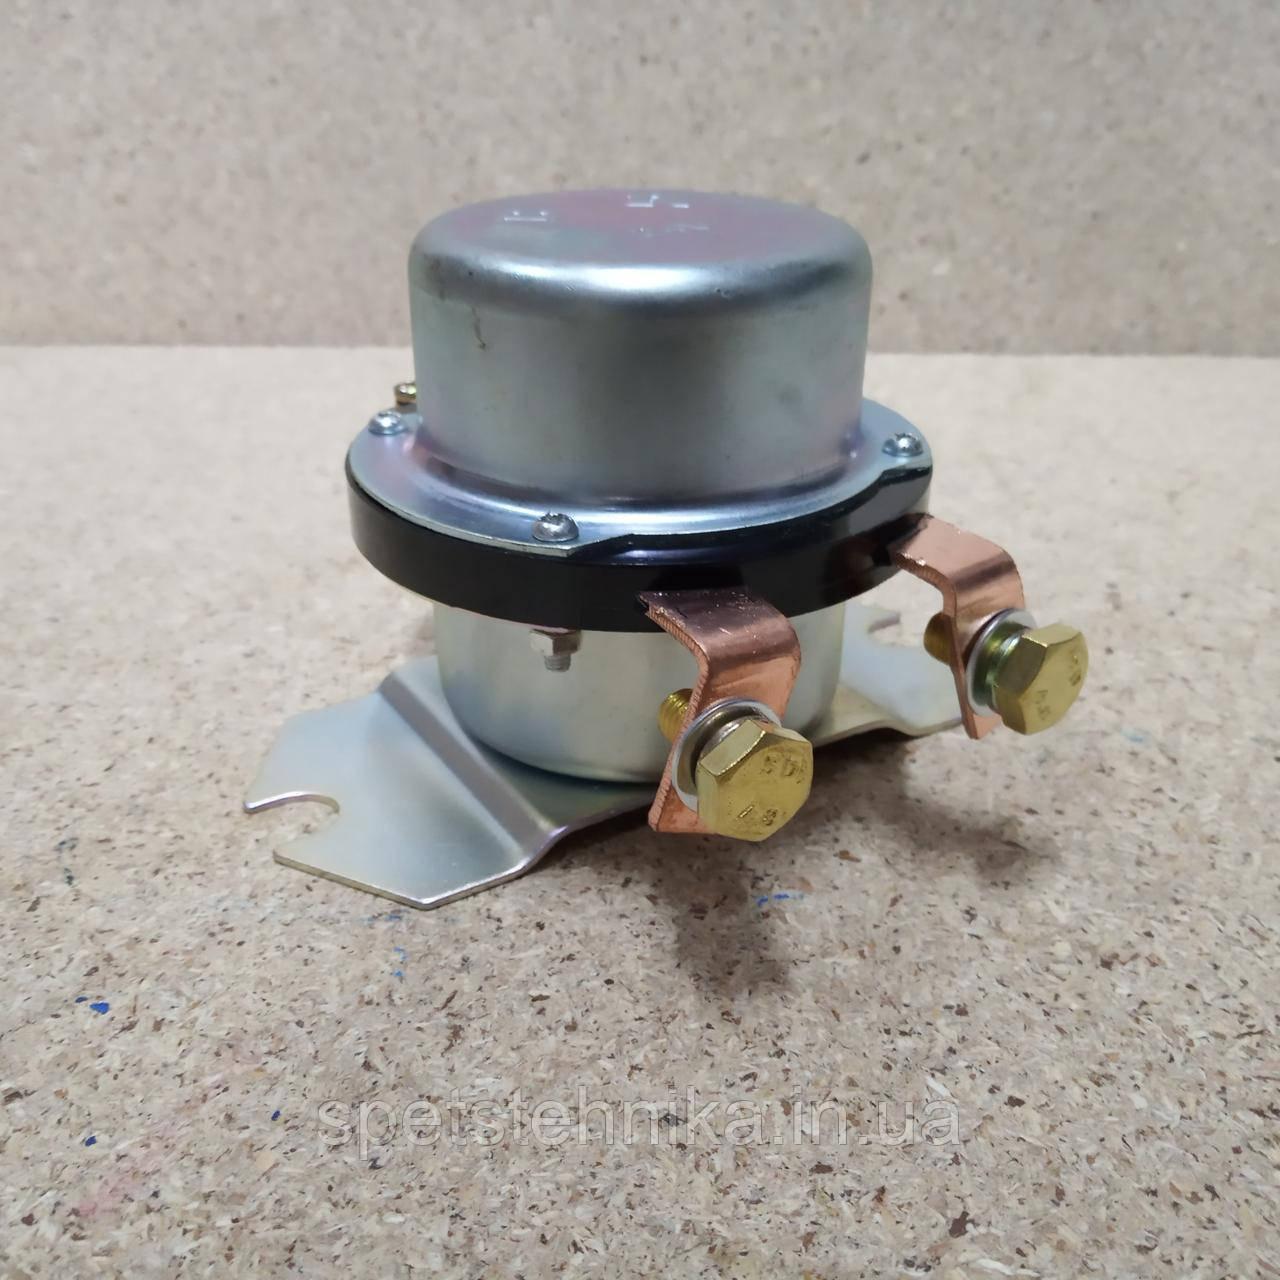 DK2312A выключатель масcы 24V, 300A